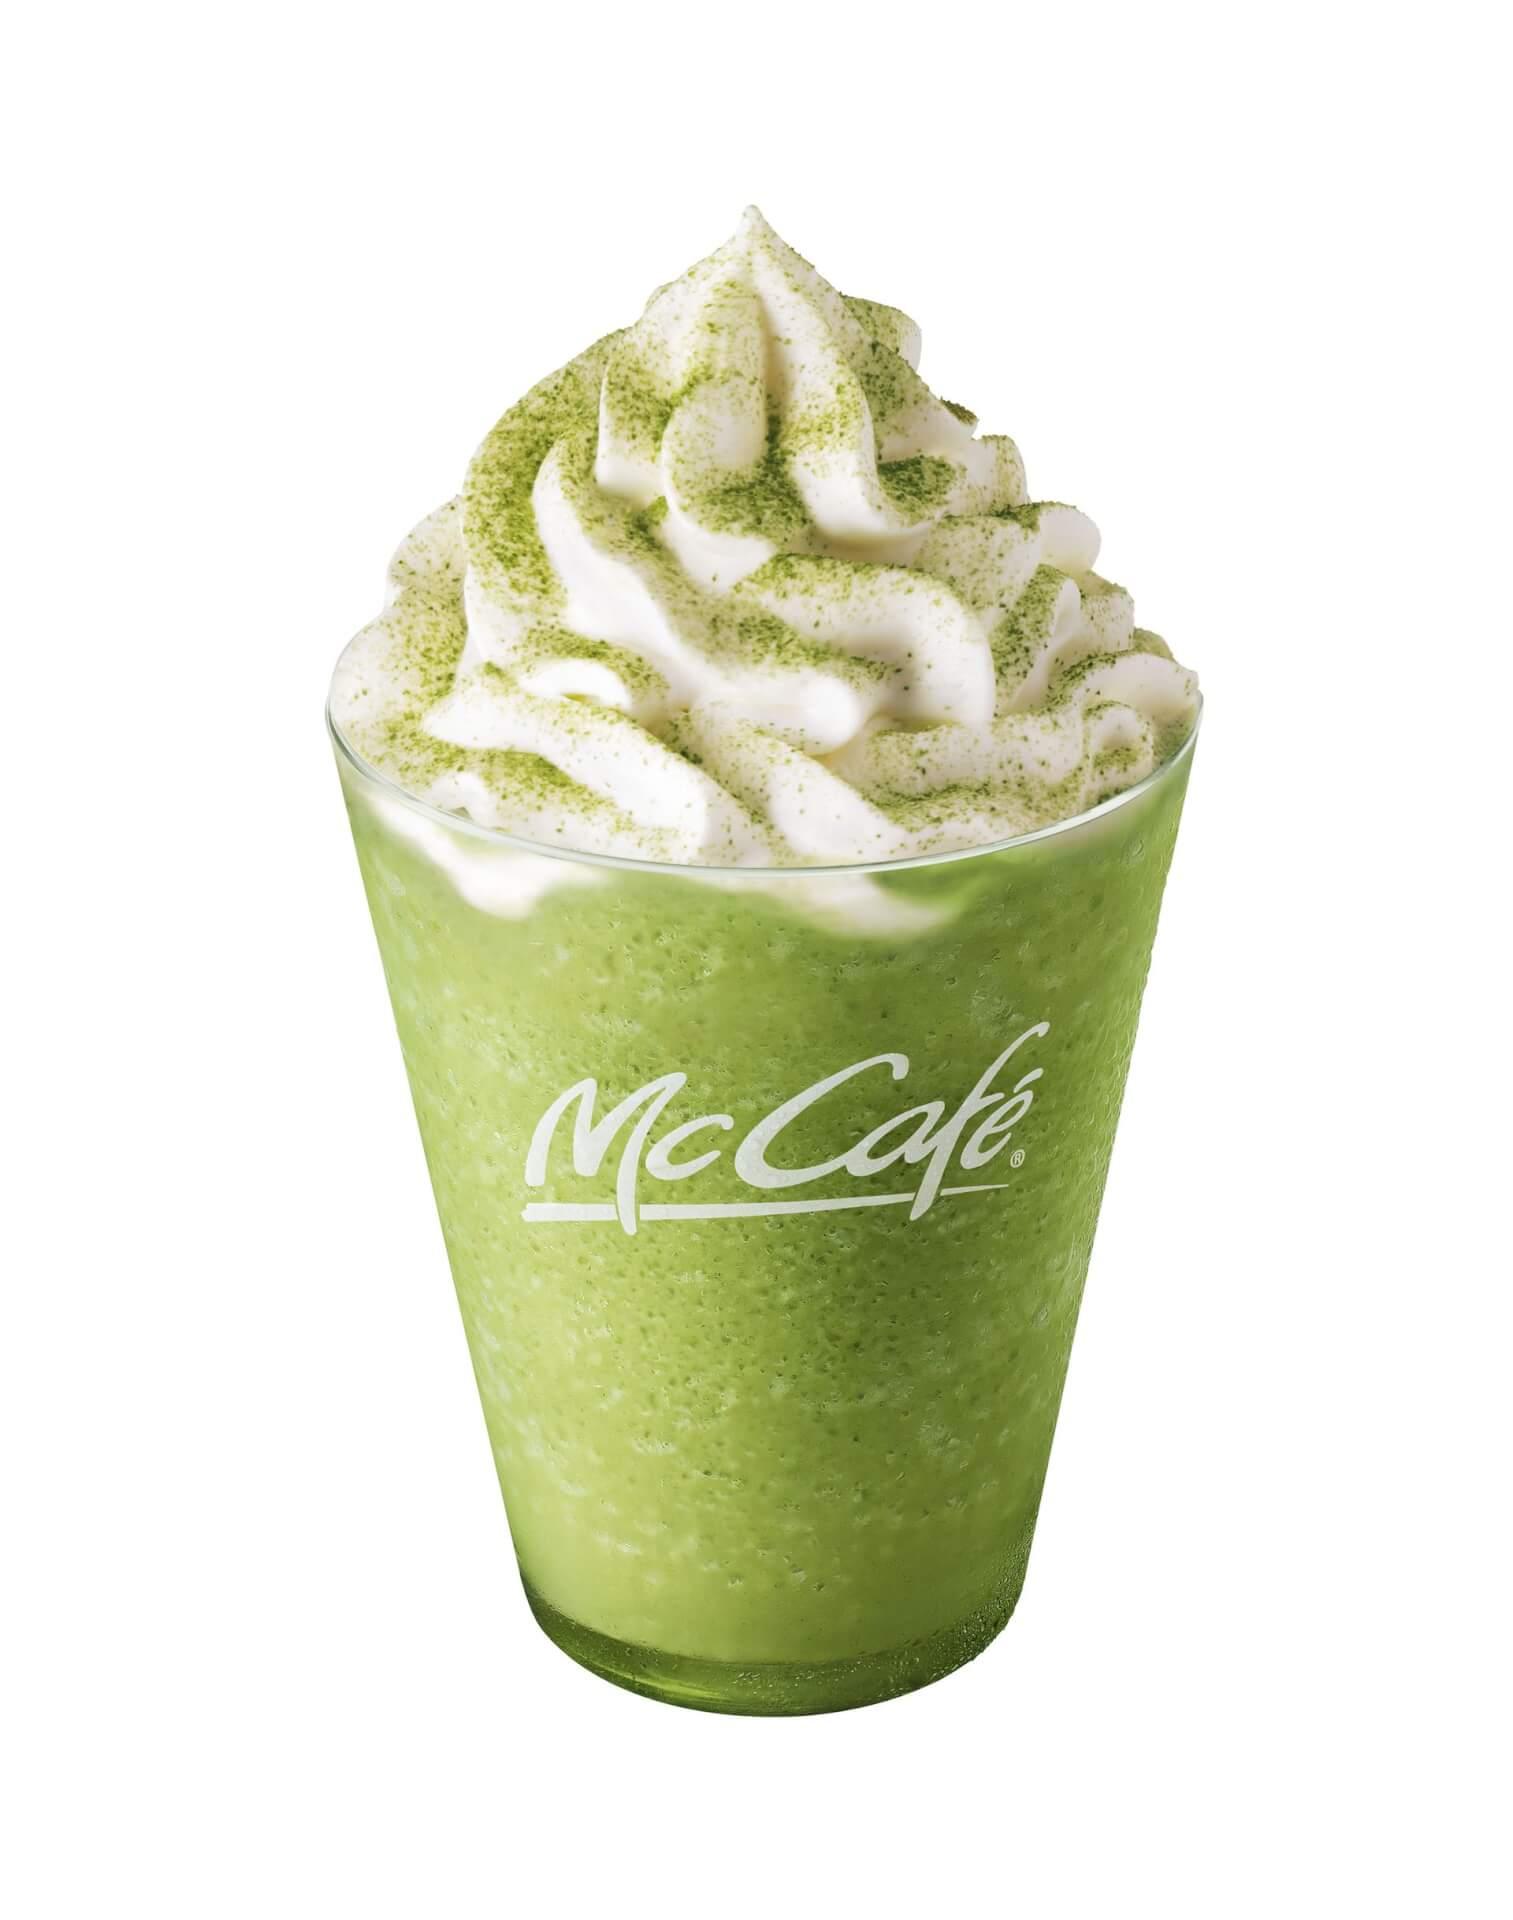 マックカフェで「オレオ® クッキー チョコフラッペ」「宇治抹茶フラッペ」の2種類がレギュラー商品に! gourmet210526_mcdonald_frappe_2